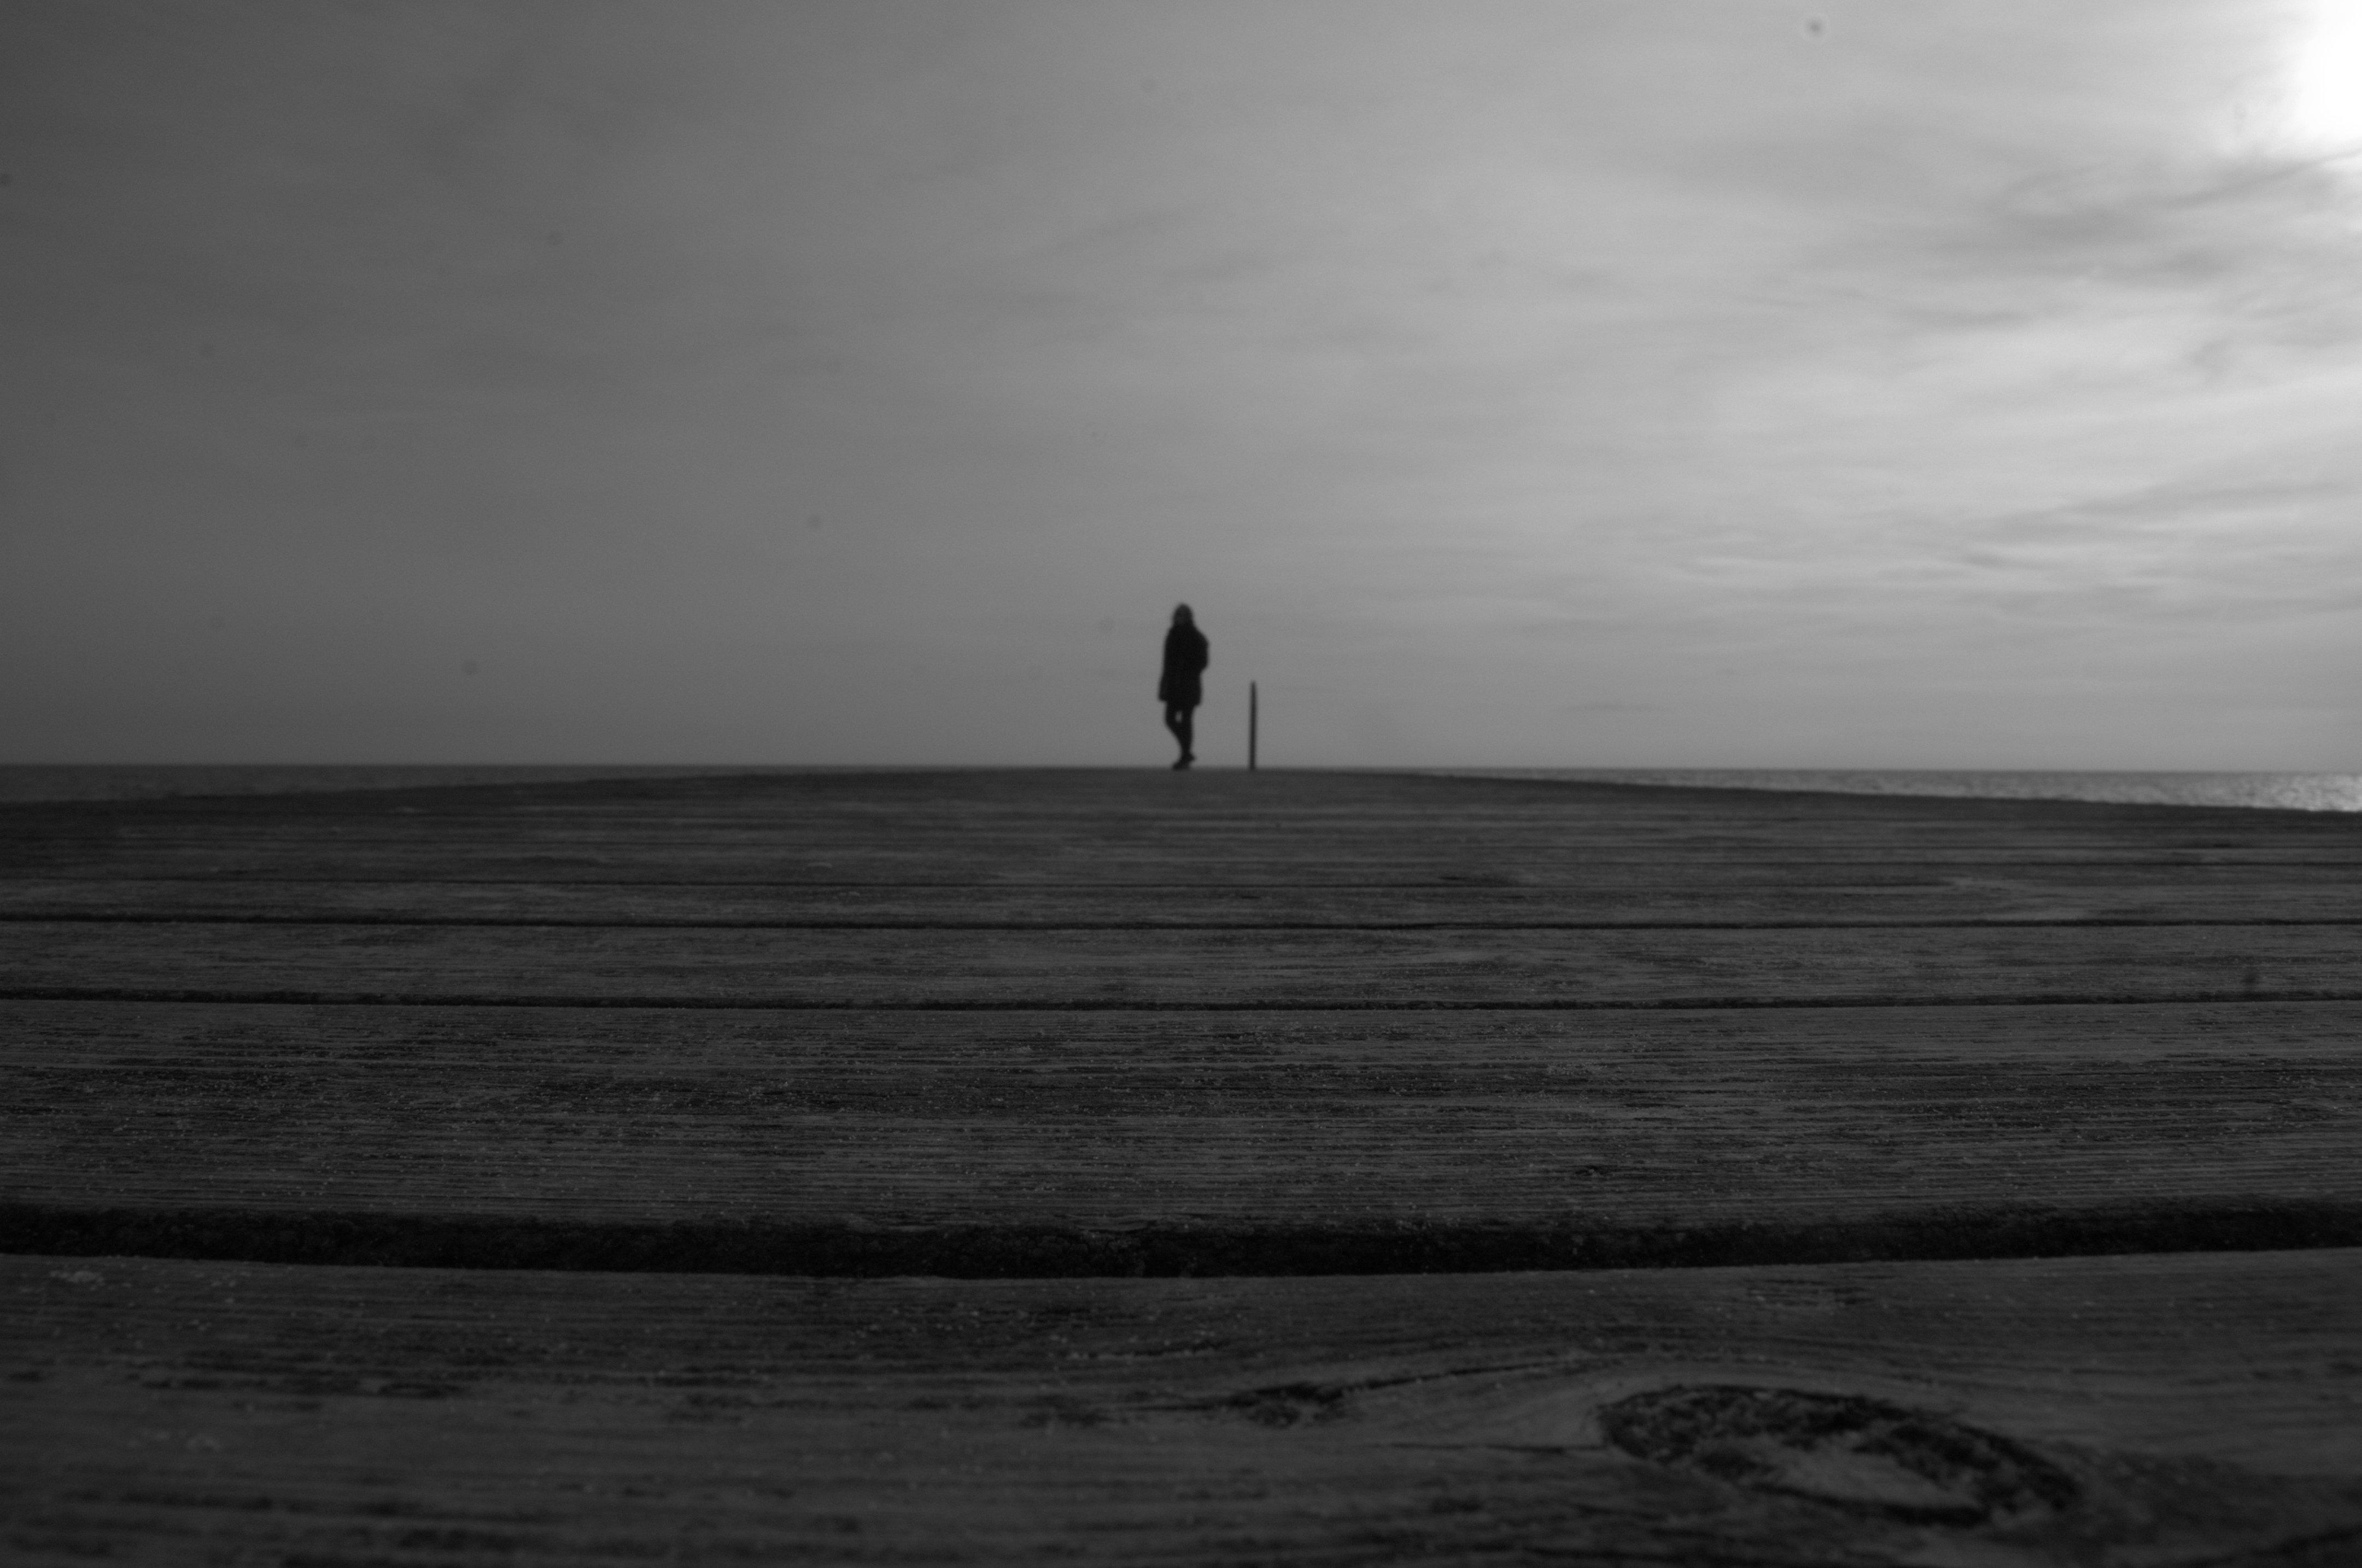 Einsamer Wanderer auf Steg